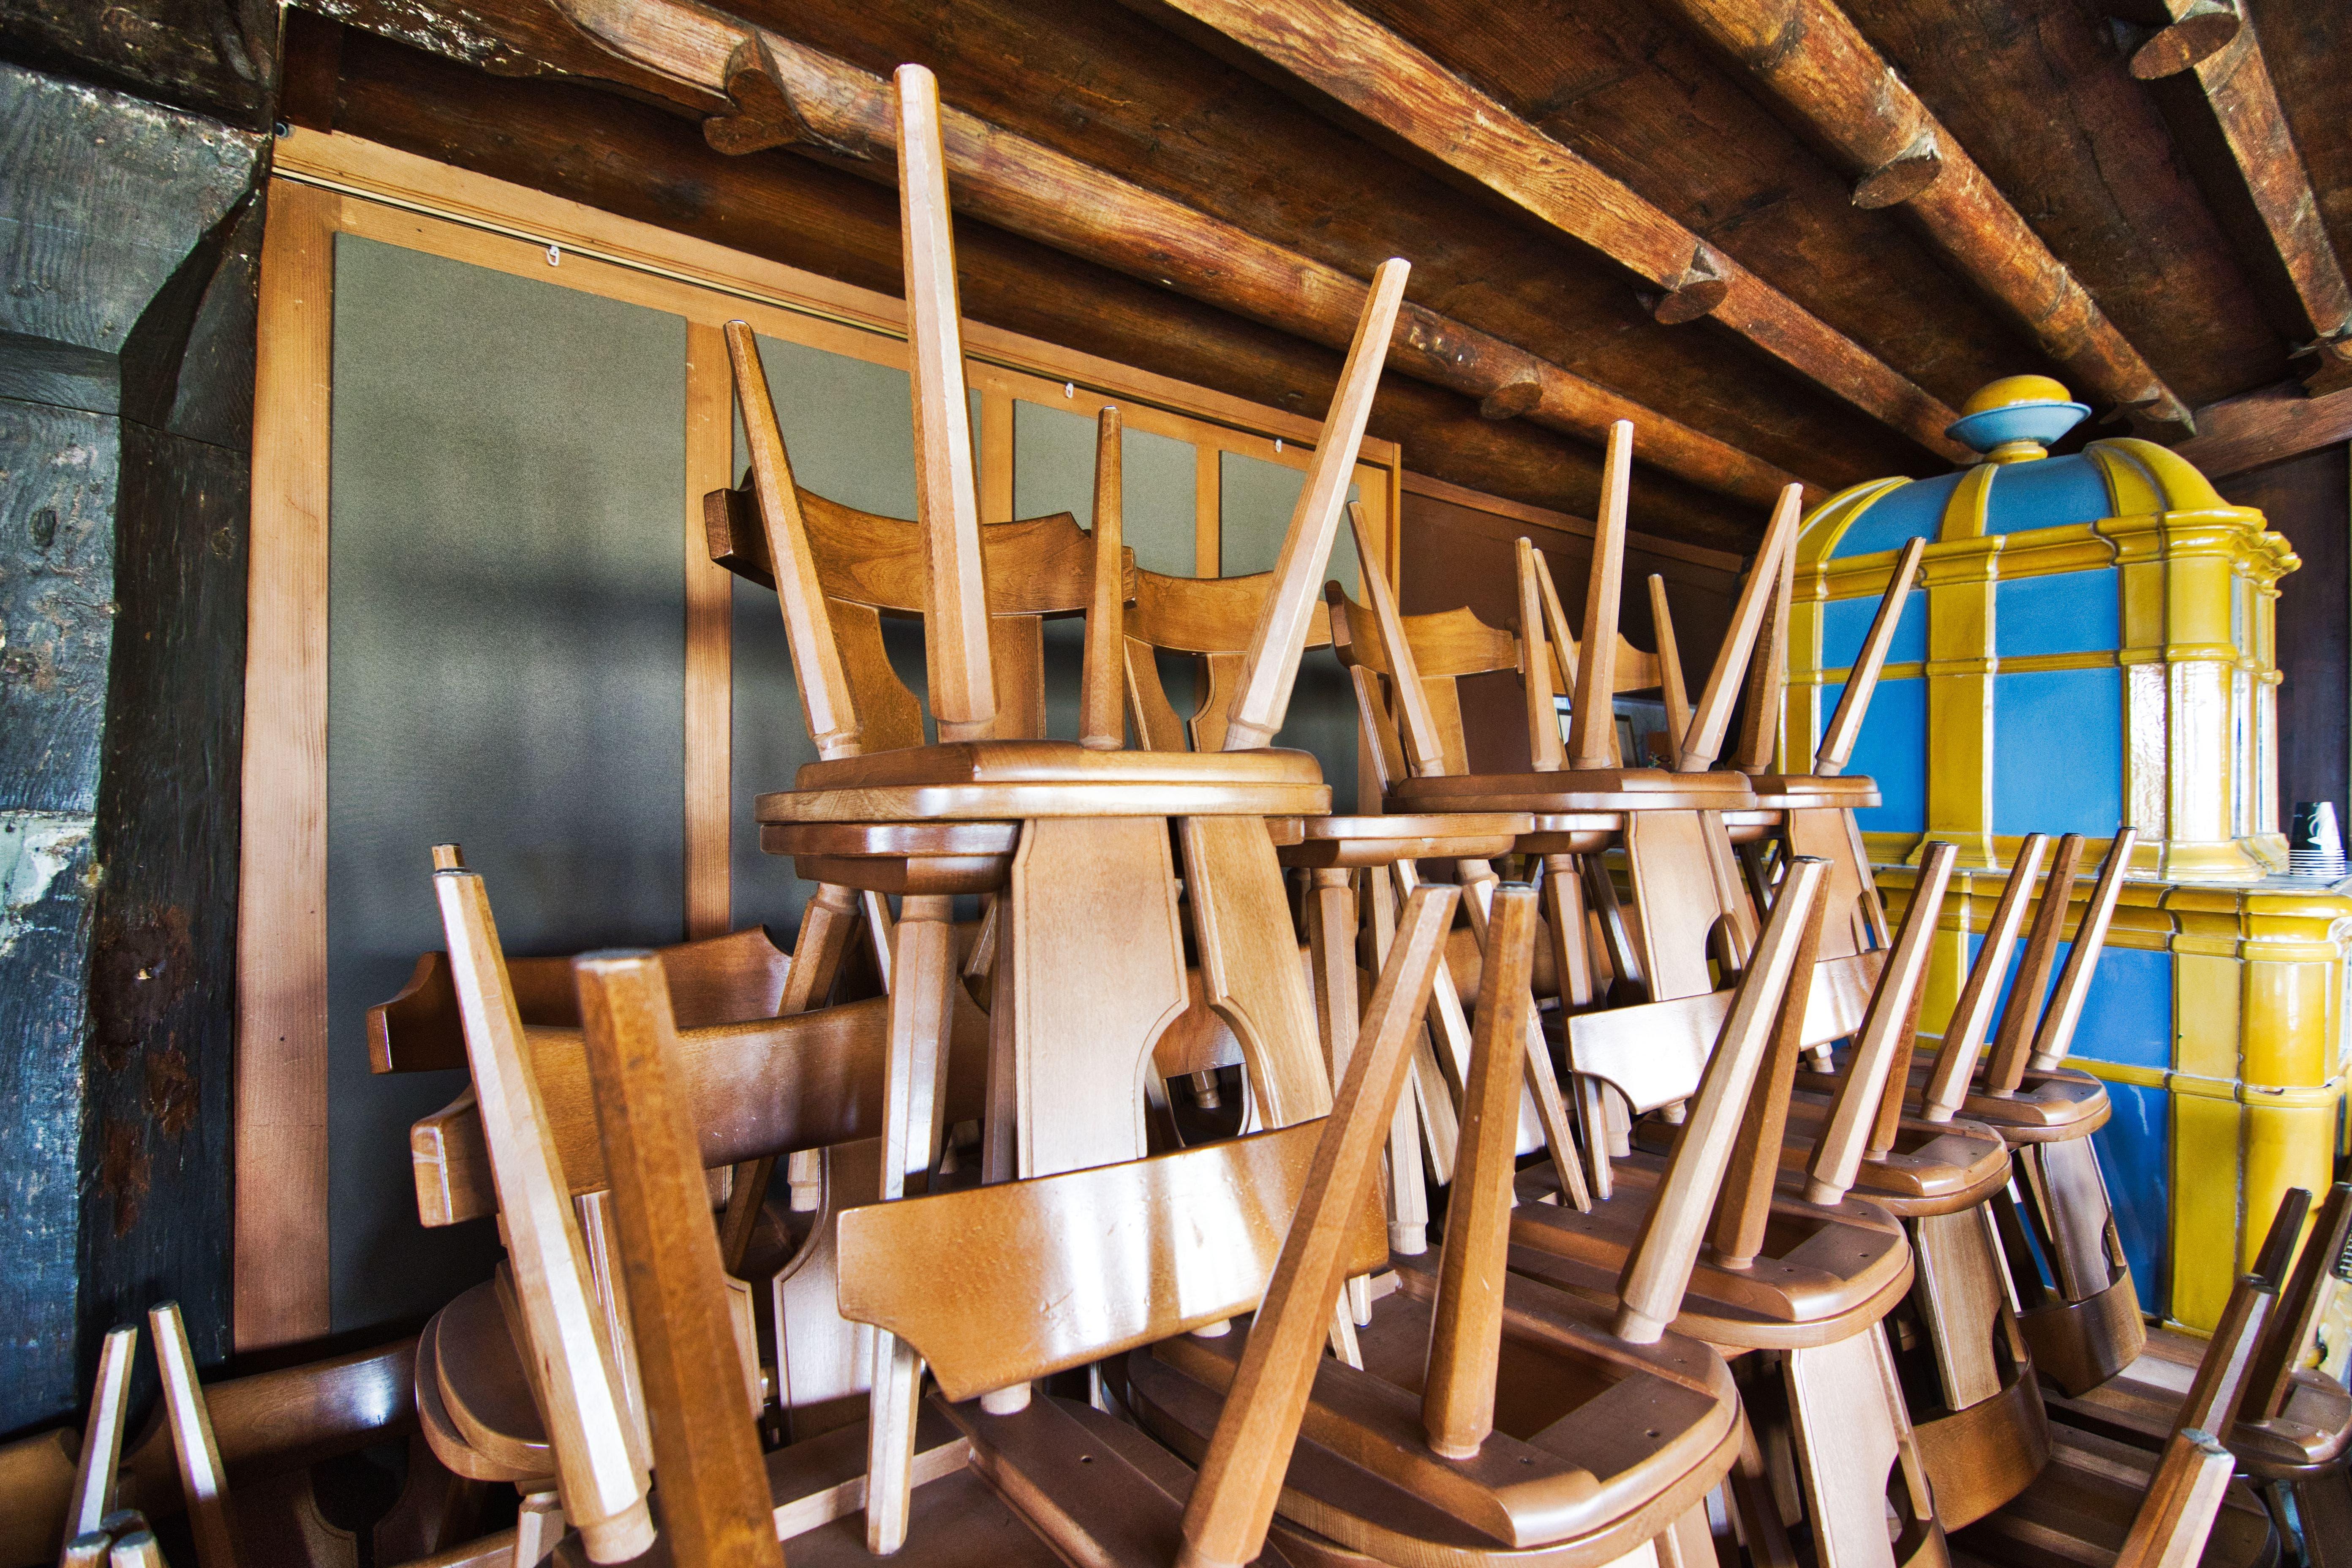 Der Schlossaal dient temporär als Lager- und Abstellraum, aber nur bis Ende Monat. Ab März speisen hier wieder Gäste und die Stühle stehen auf dem Boden.